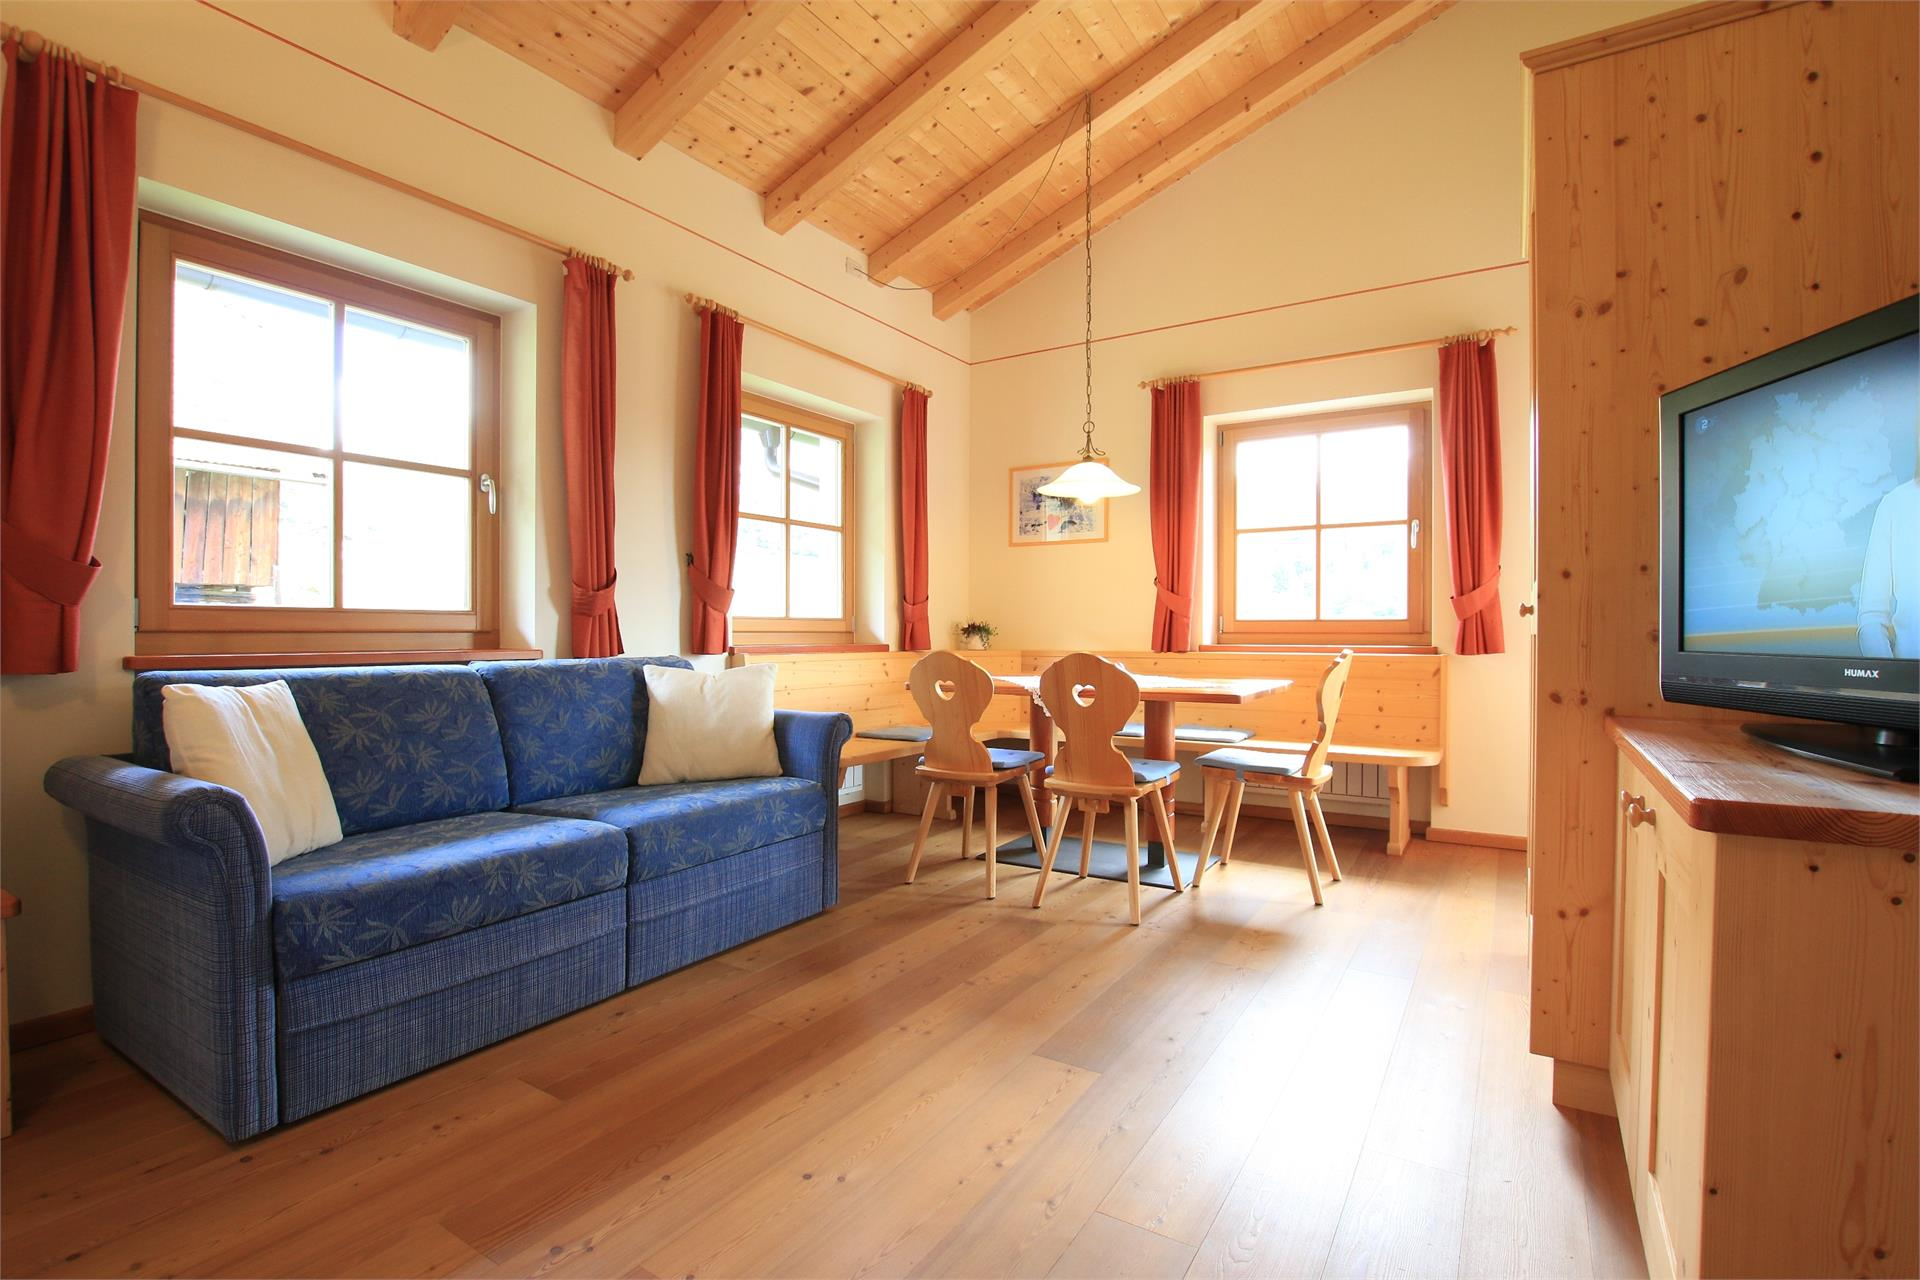 Stilvoll eingerichtetes Wohnzimmer mit TV